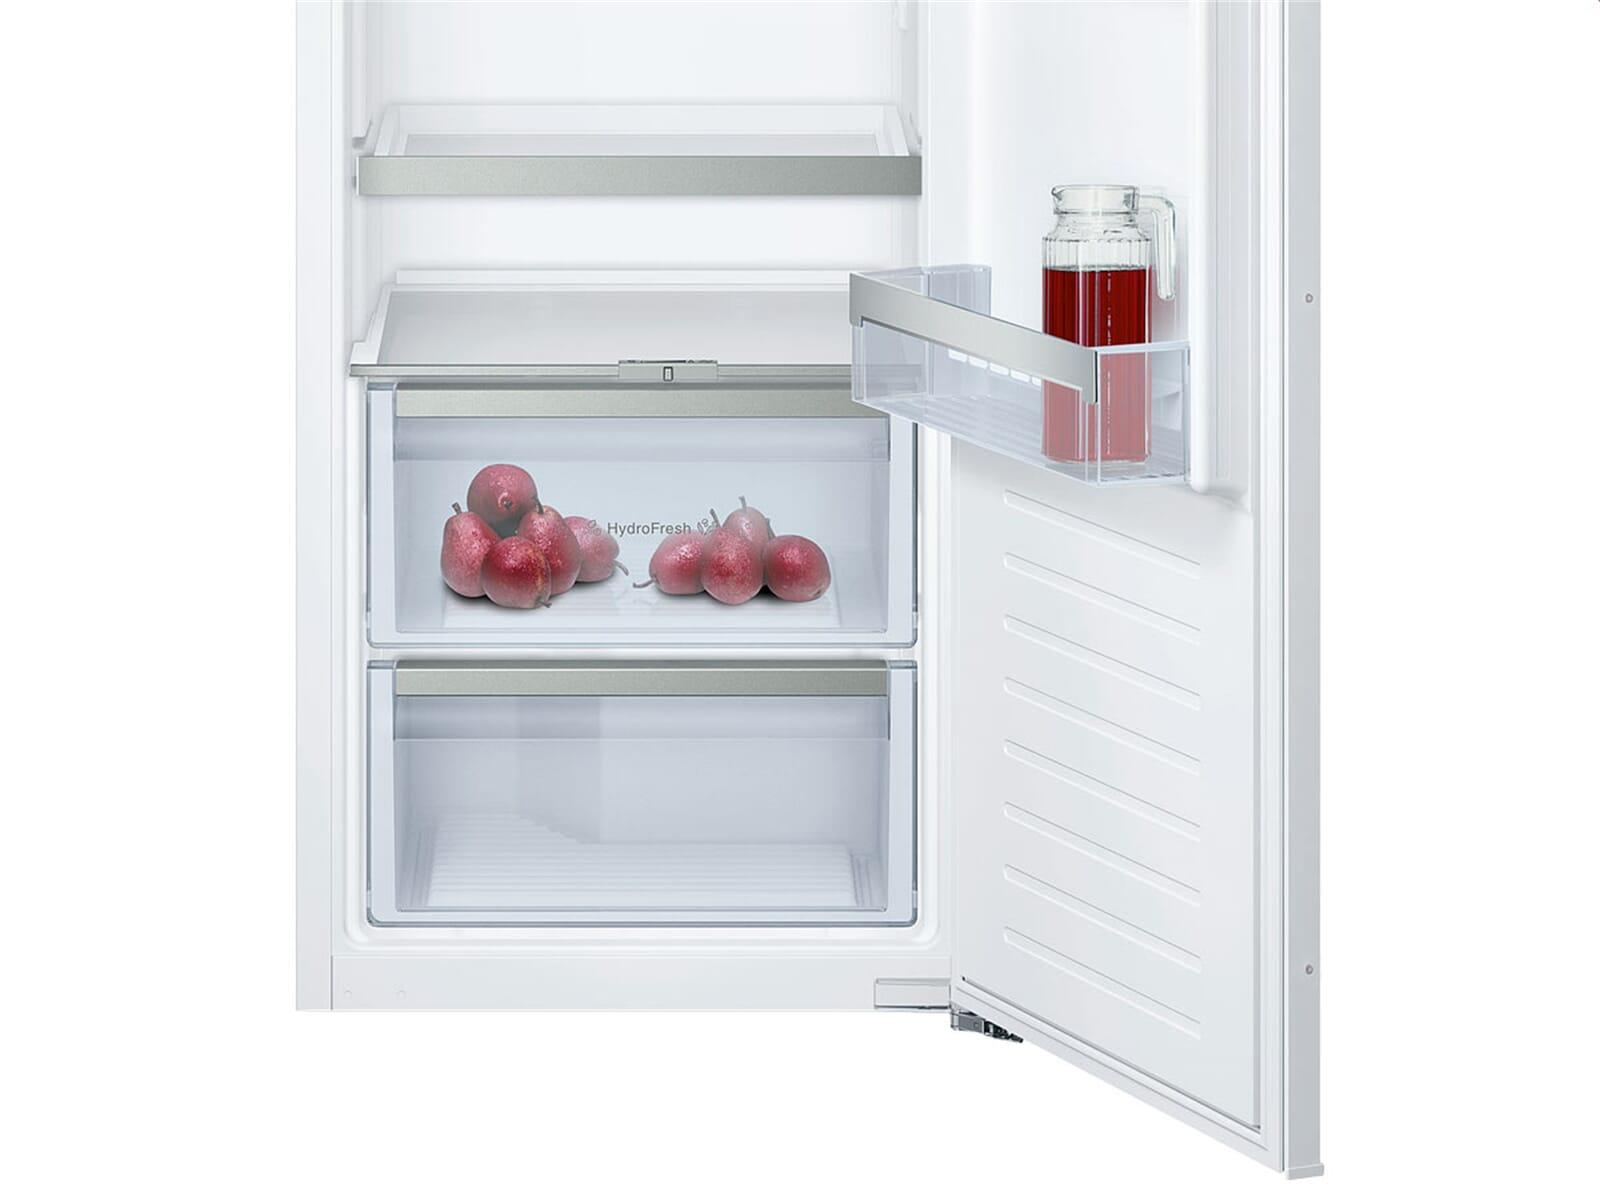 Kühlschrank Neff : Neff k a einbaukühlschrank